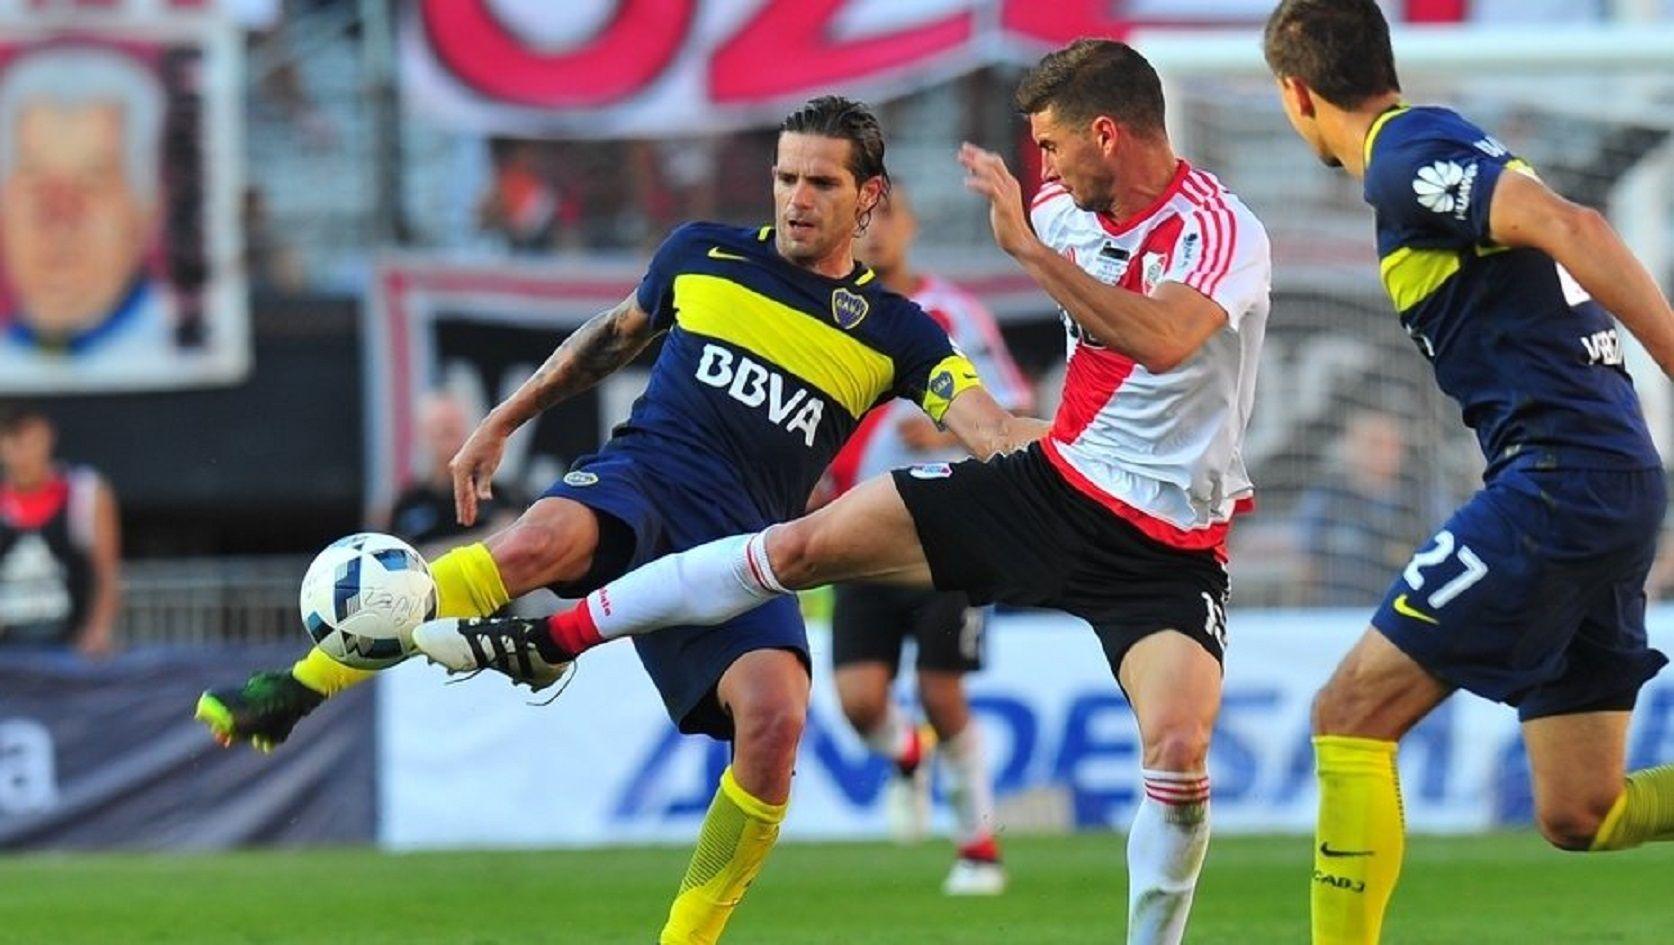 El fixture completo de la Superliga de Fútbol Argentino 2017/2018